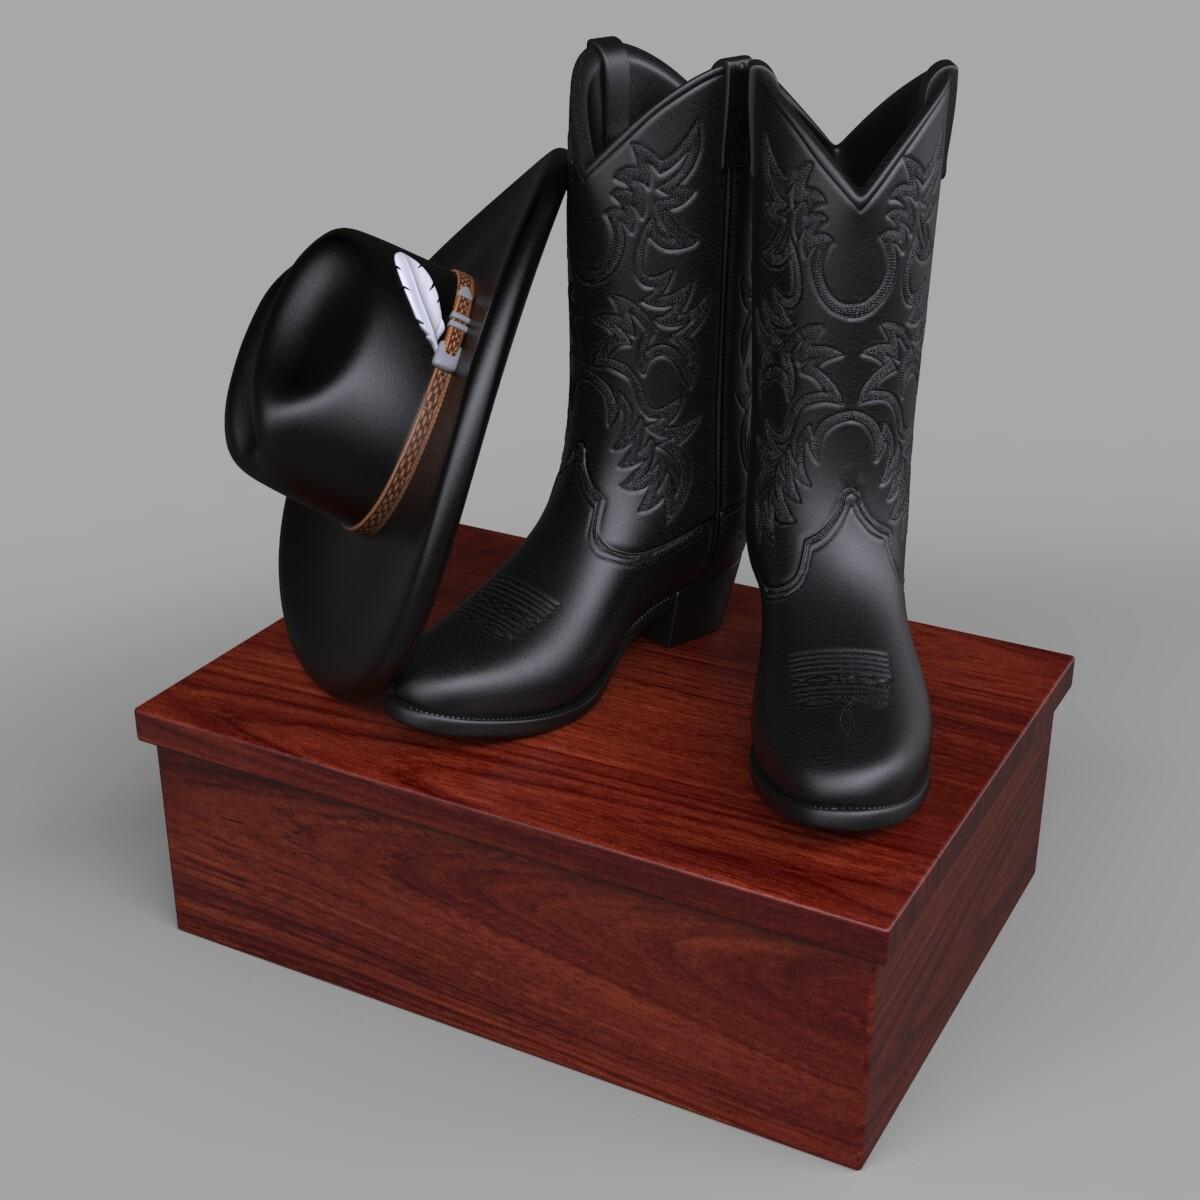 Ken calvert cowboy boots feather